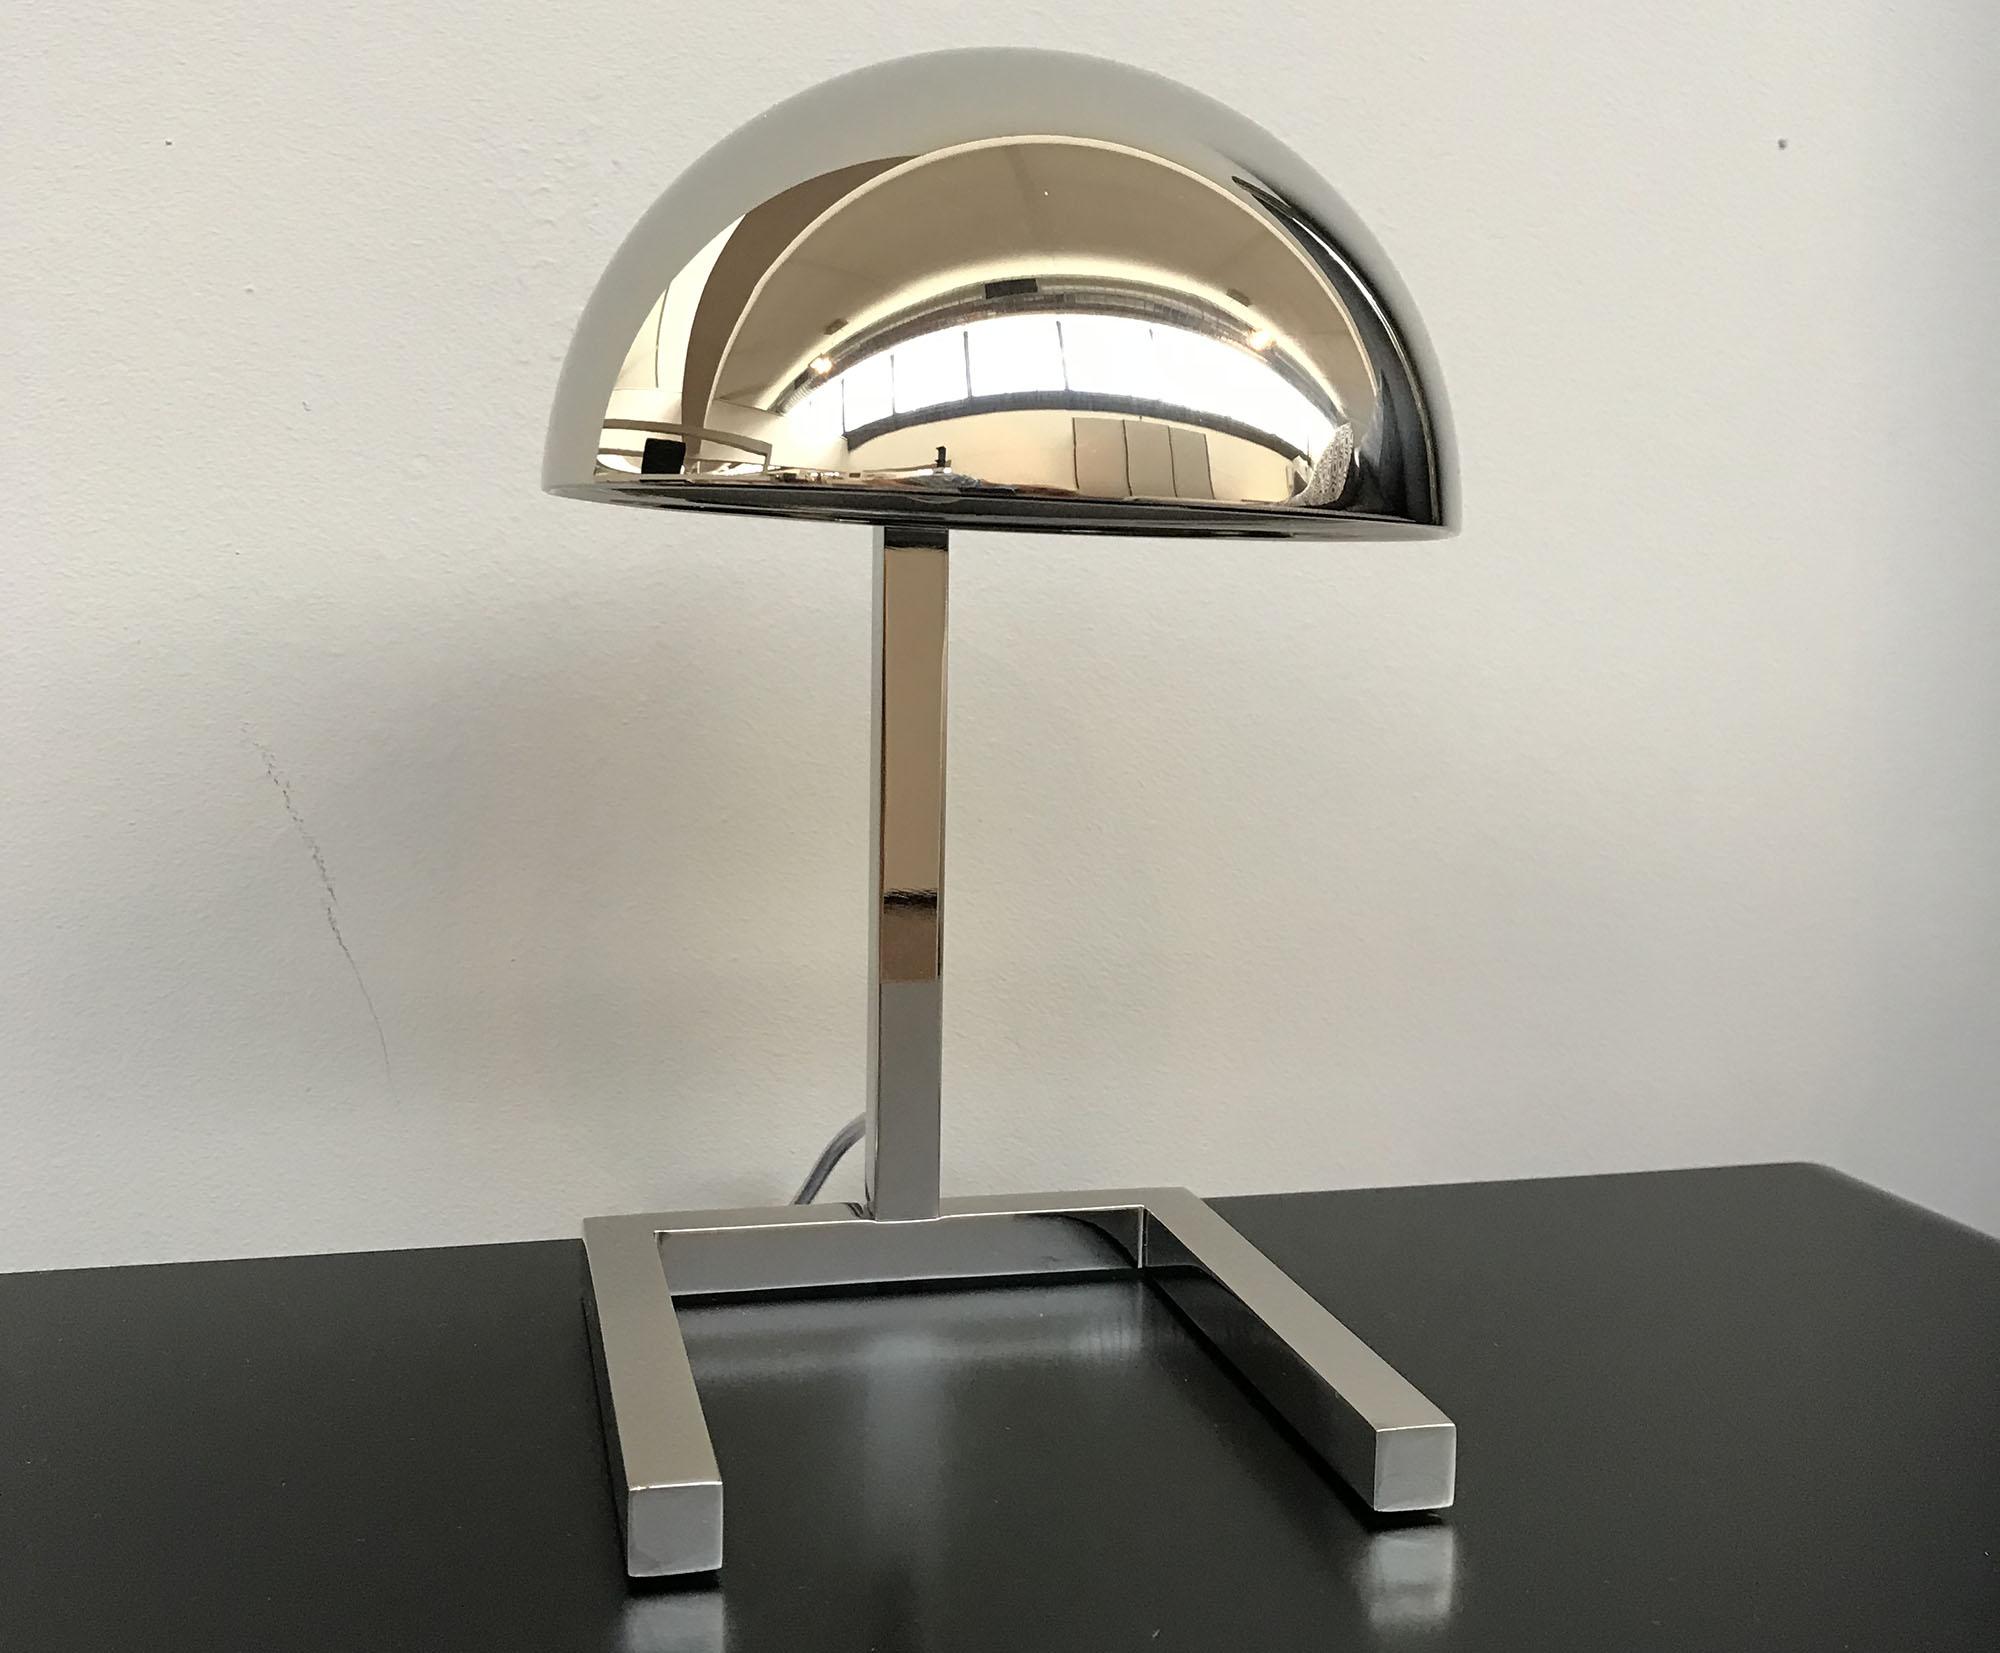 Lampada Mja Lumen Center Italia (2) Image